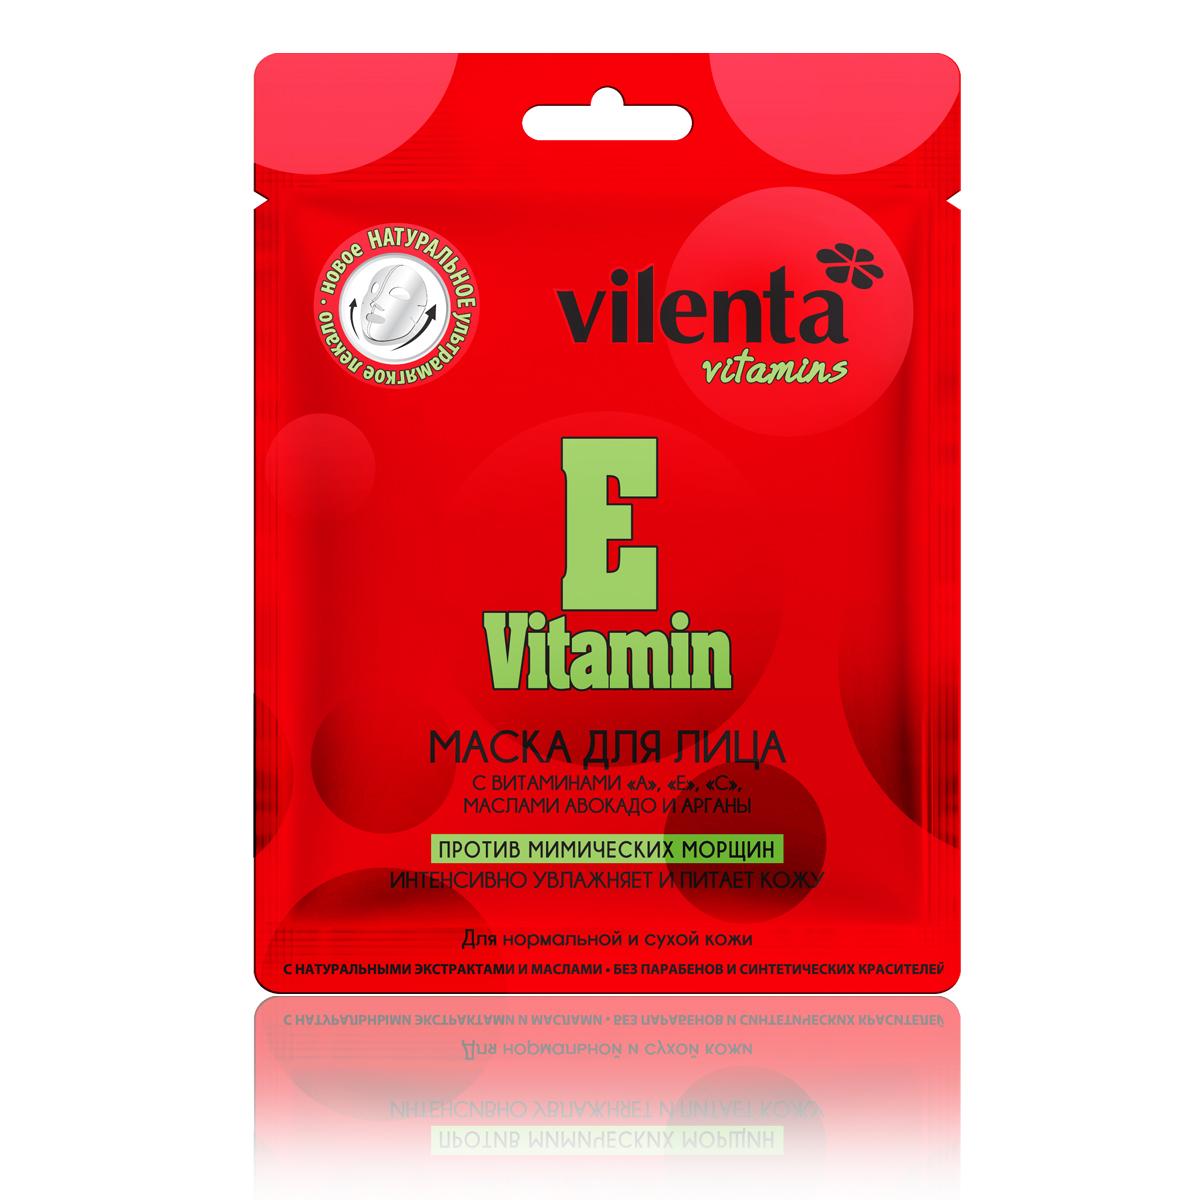 Фото - Vilenta Маска для лица Vitamin «Е» с витаминами «А», «Е», «С», маслами Авокадо и Арганы, 28 мл vilenta маска для лица vitamin е с витаминами а е с маслами авокадо и арганы 28 мл